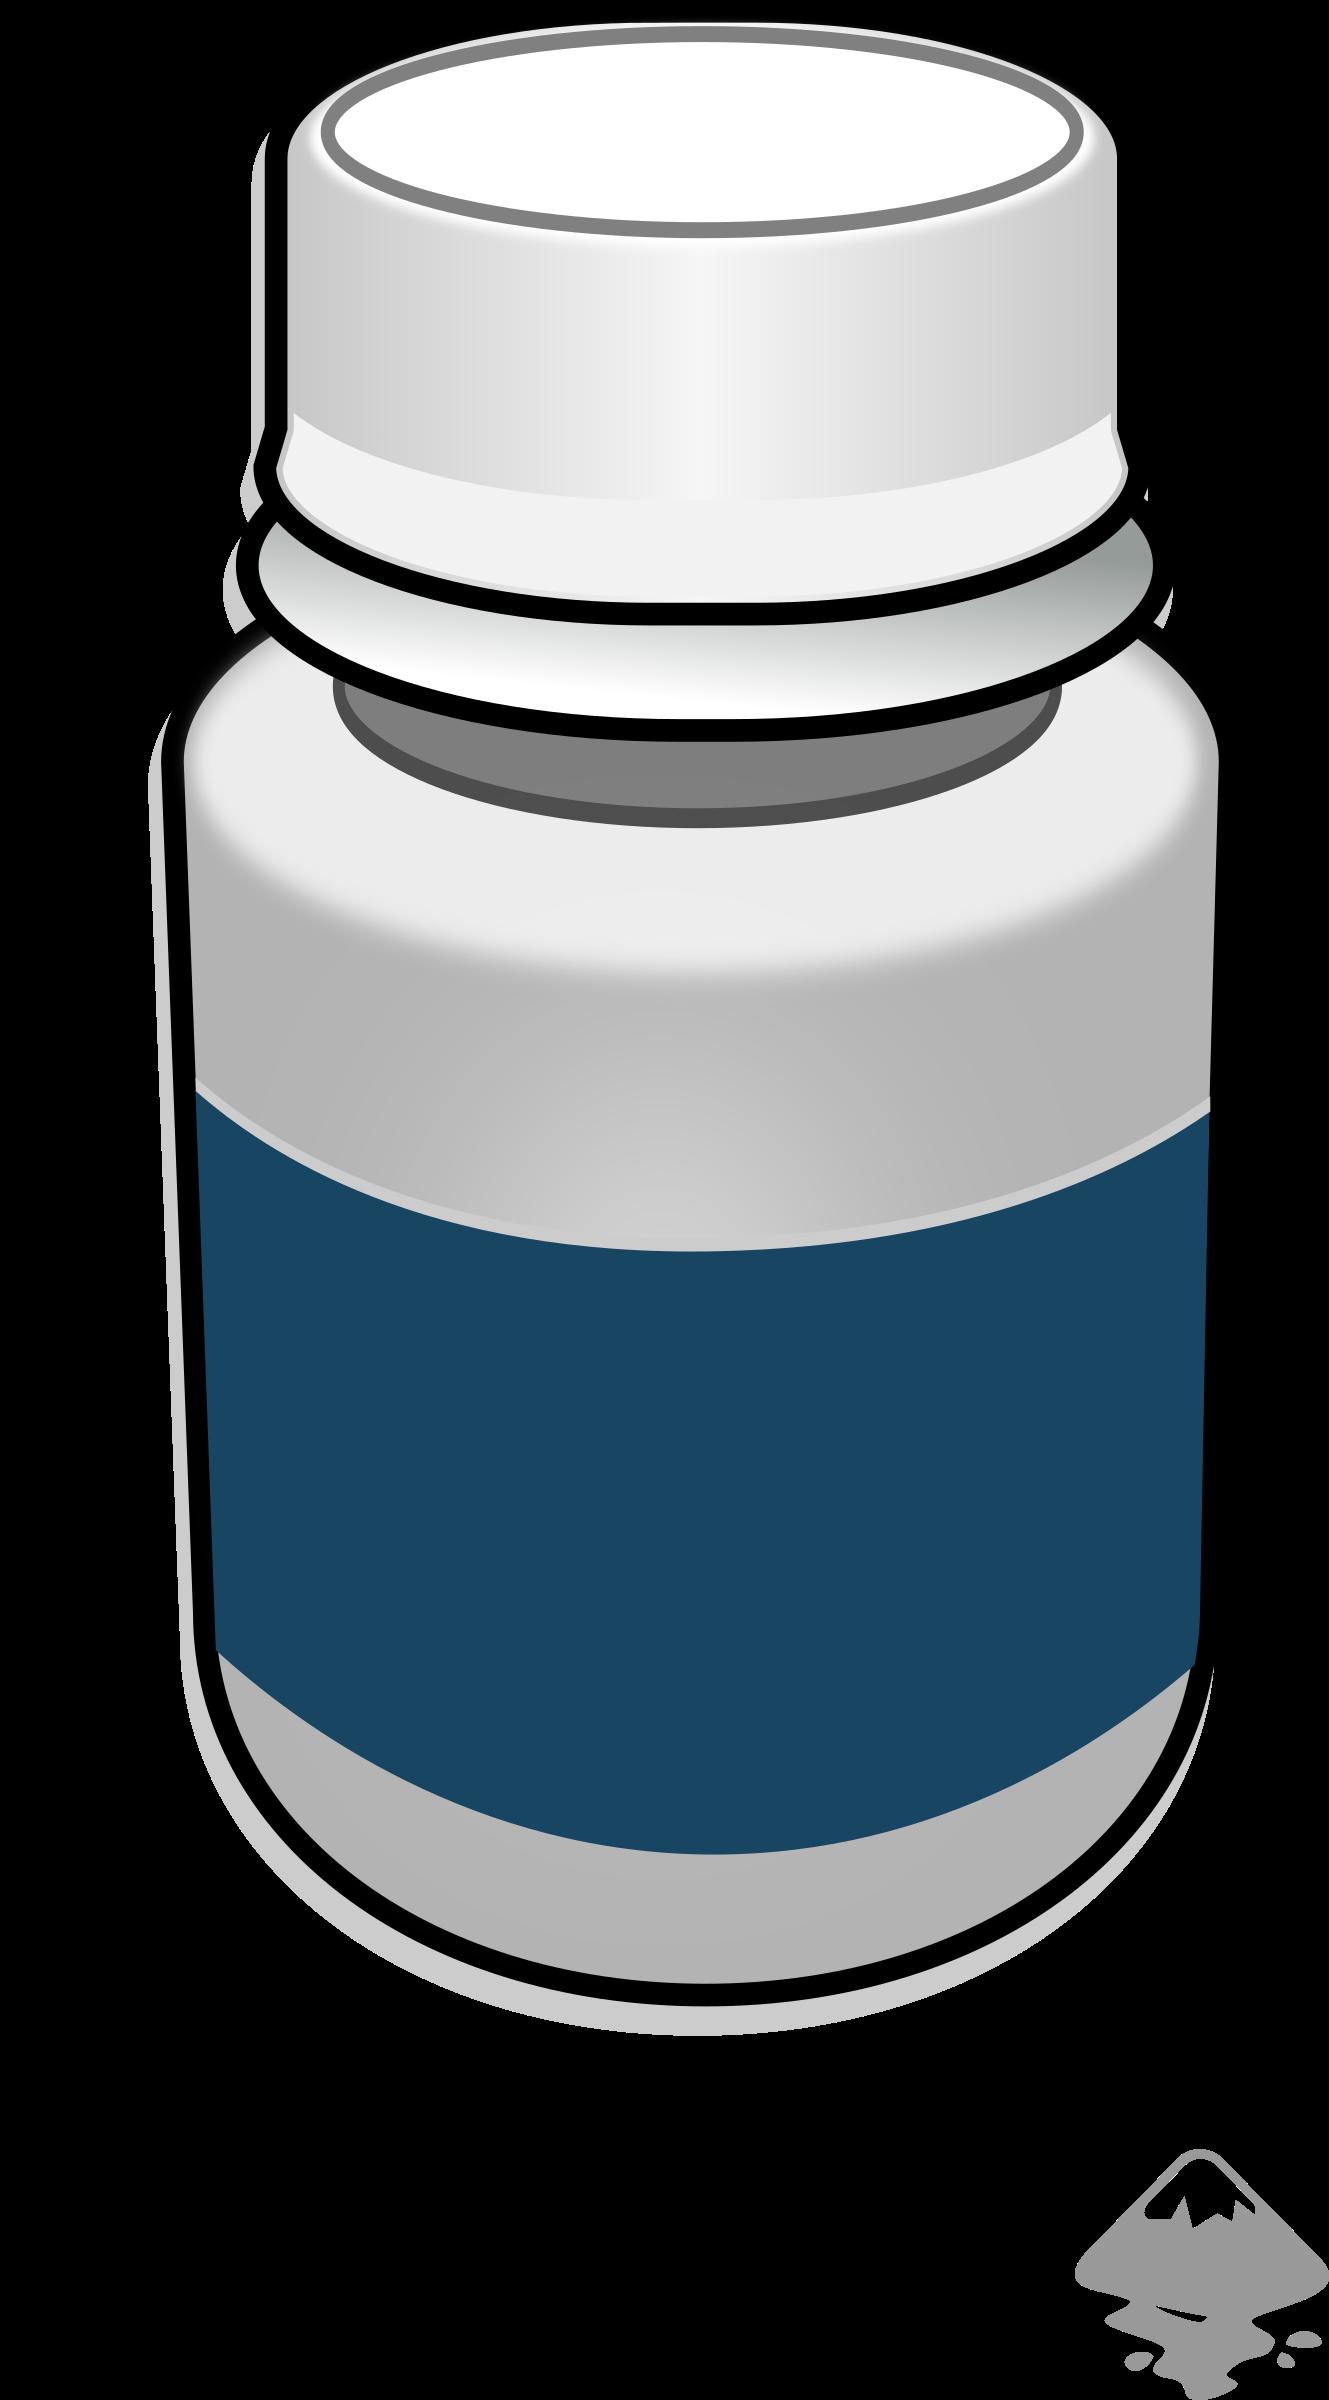 Pills clipart medicine bottle Pill bottle bottle Clipart pill